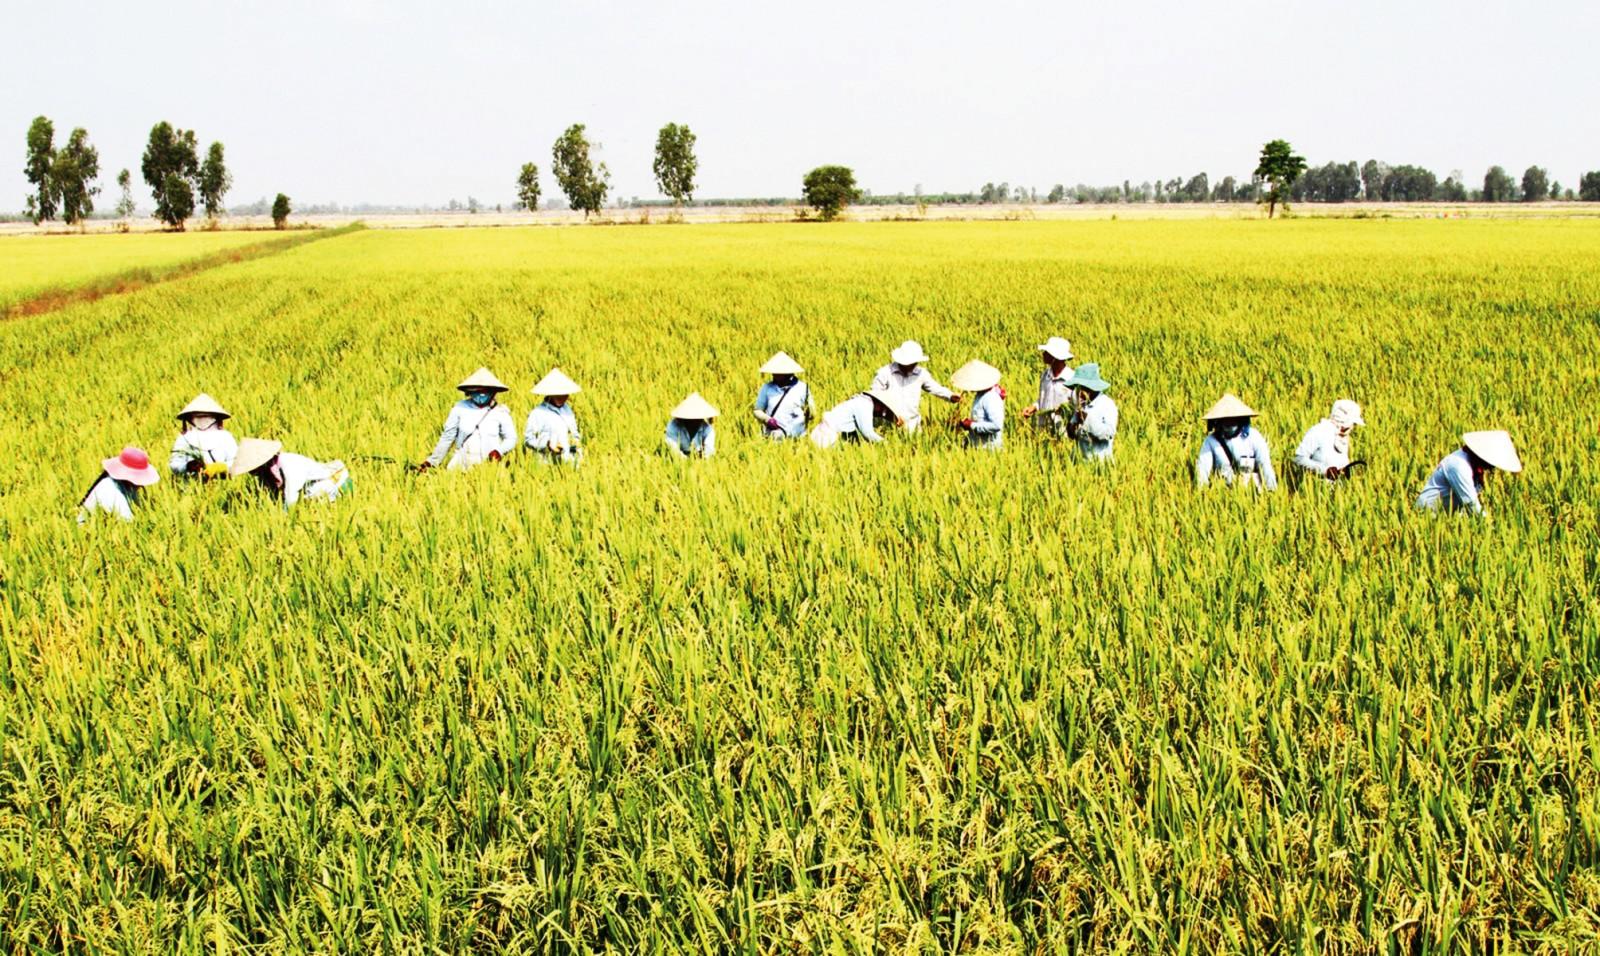 Mô hình sản xuất lúa giống thích nghi biến đổi khí hậu, xâm nhập mặn được triển khai thực hiện tại vùng ĐBSCL. Ảnh: B.T